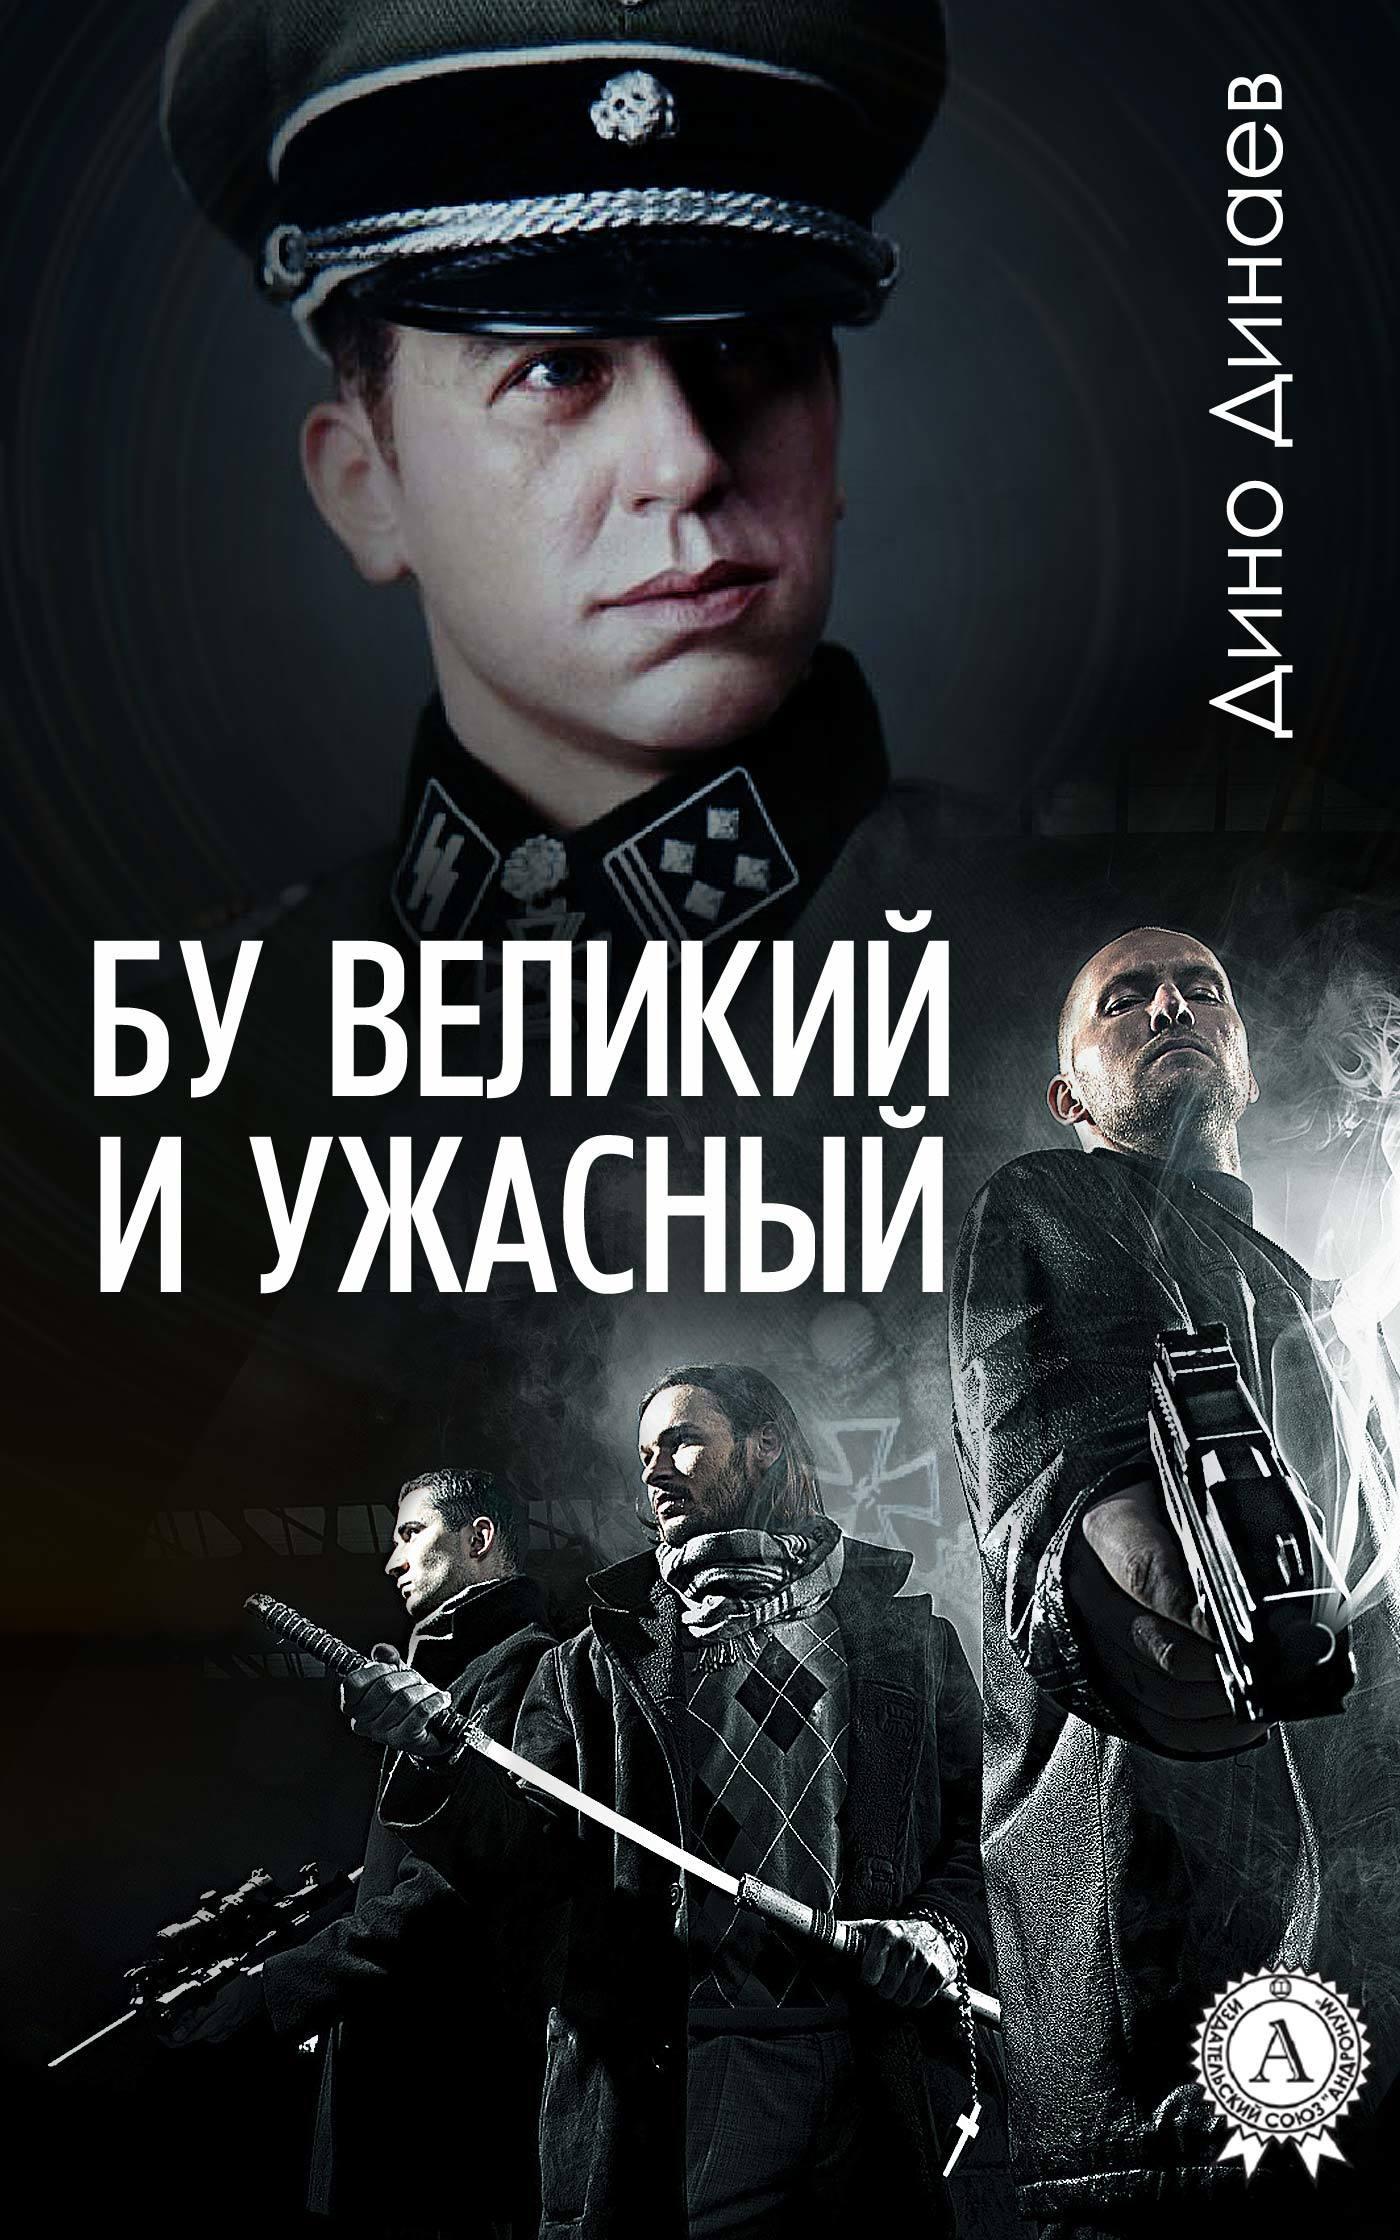 Дино Динаев великий и ужасный